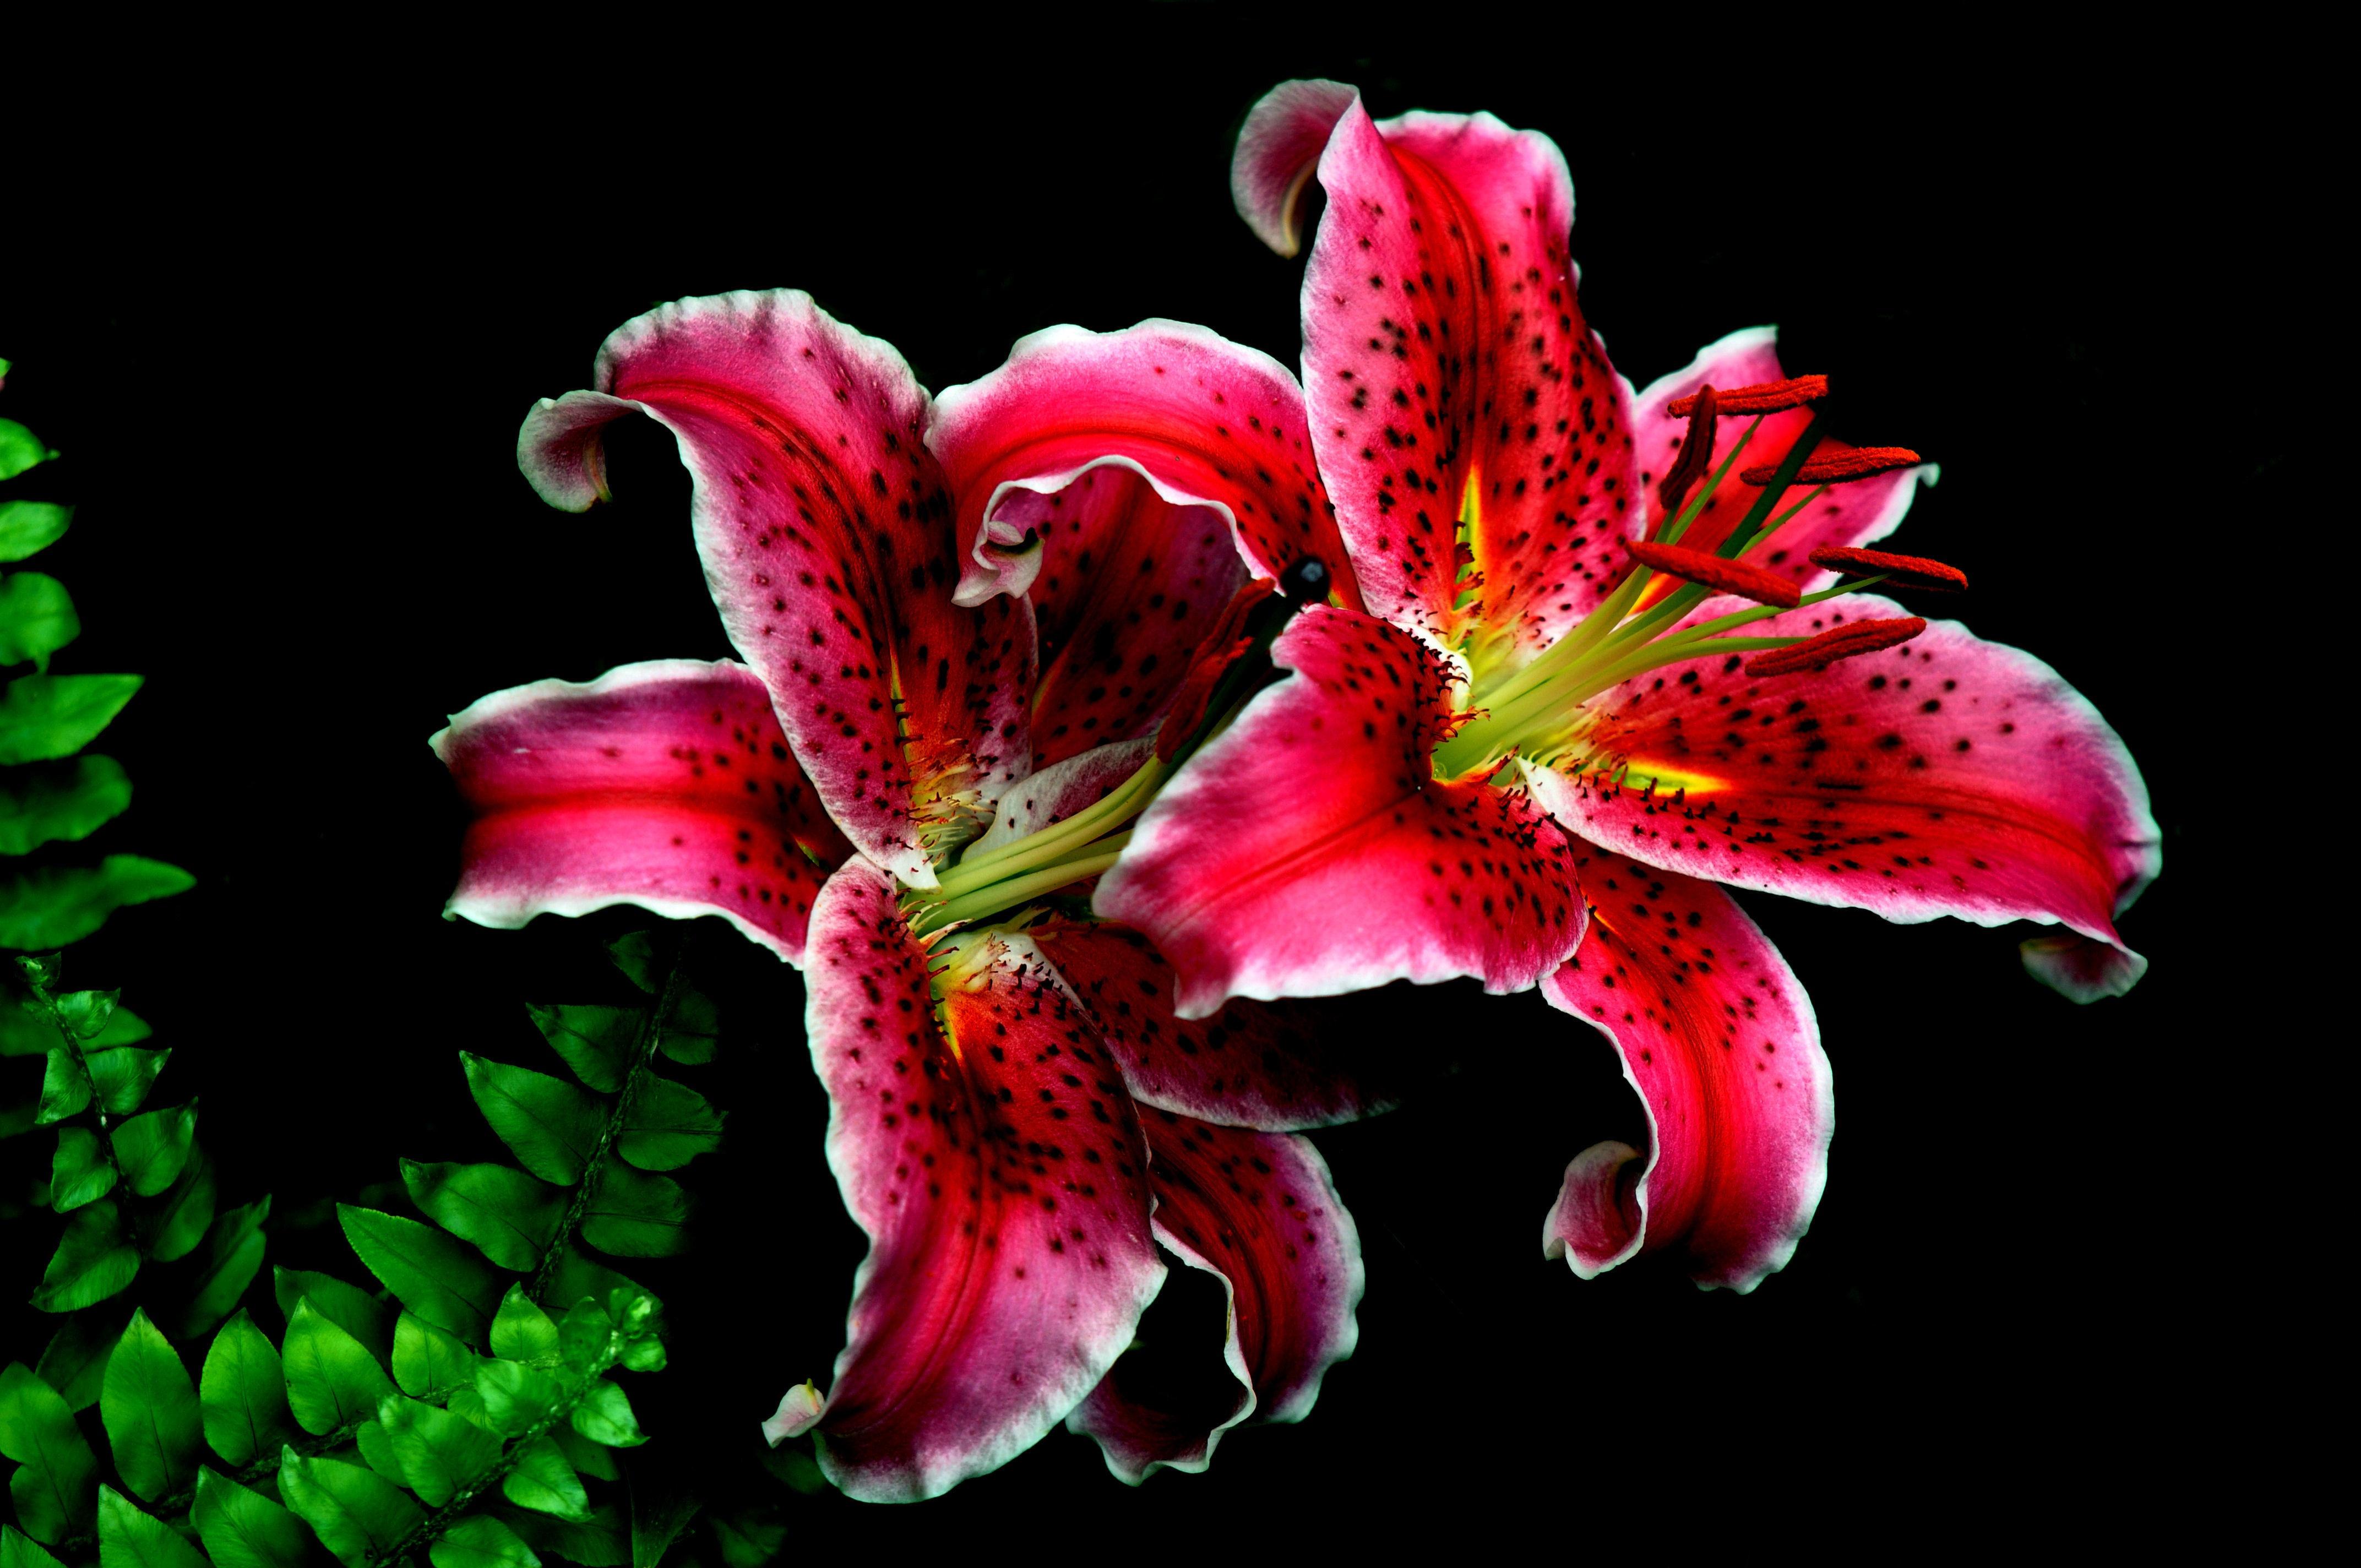 Фото лилия красная цветок на черном фоне Крупным планом 4288x2848 Лилии Красный красные красных Цветы вблизи Черный фон